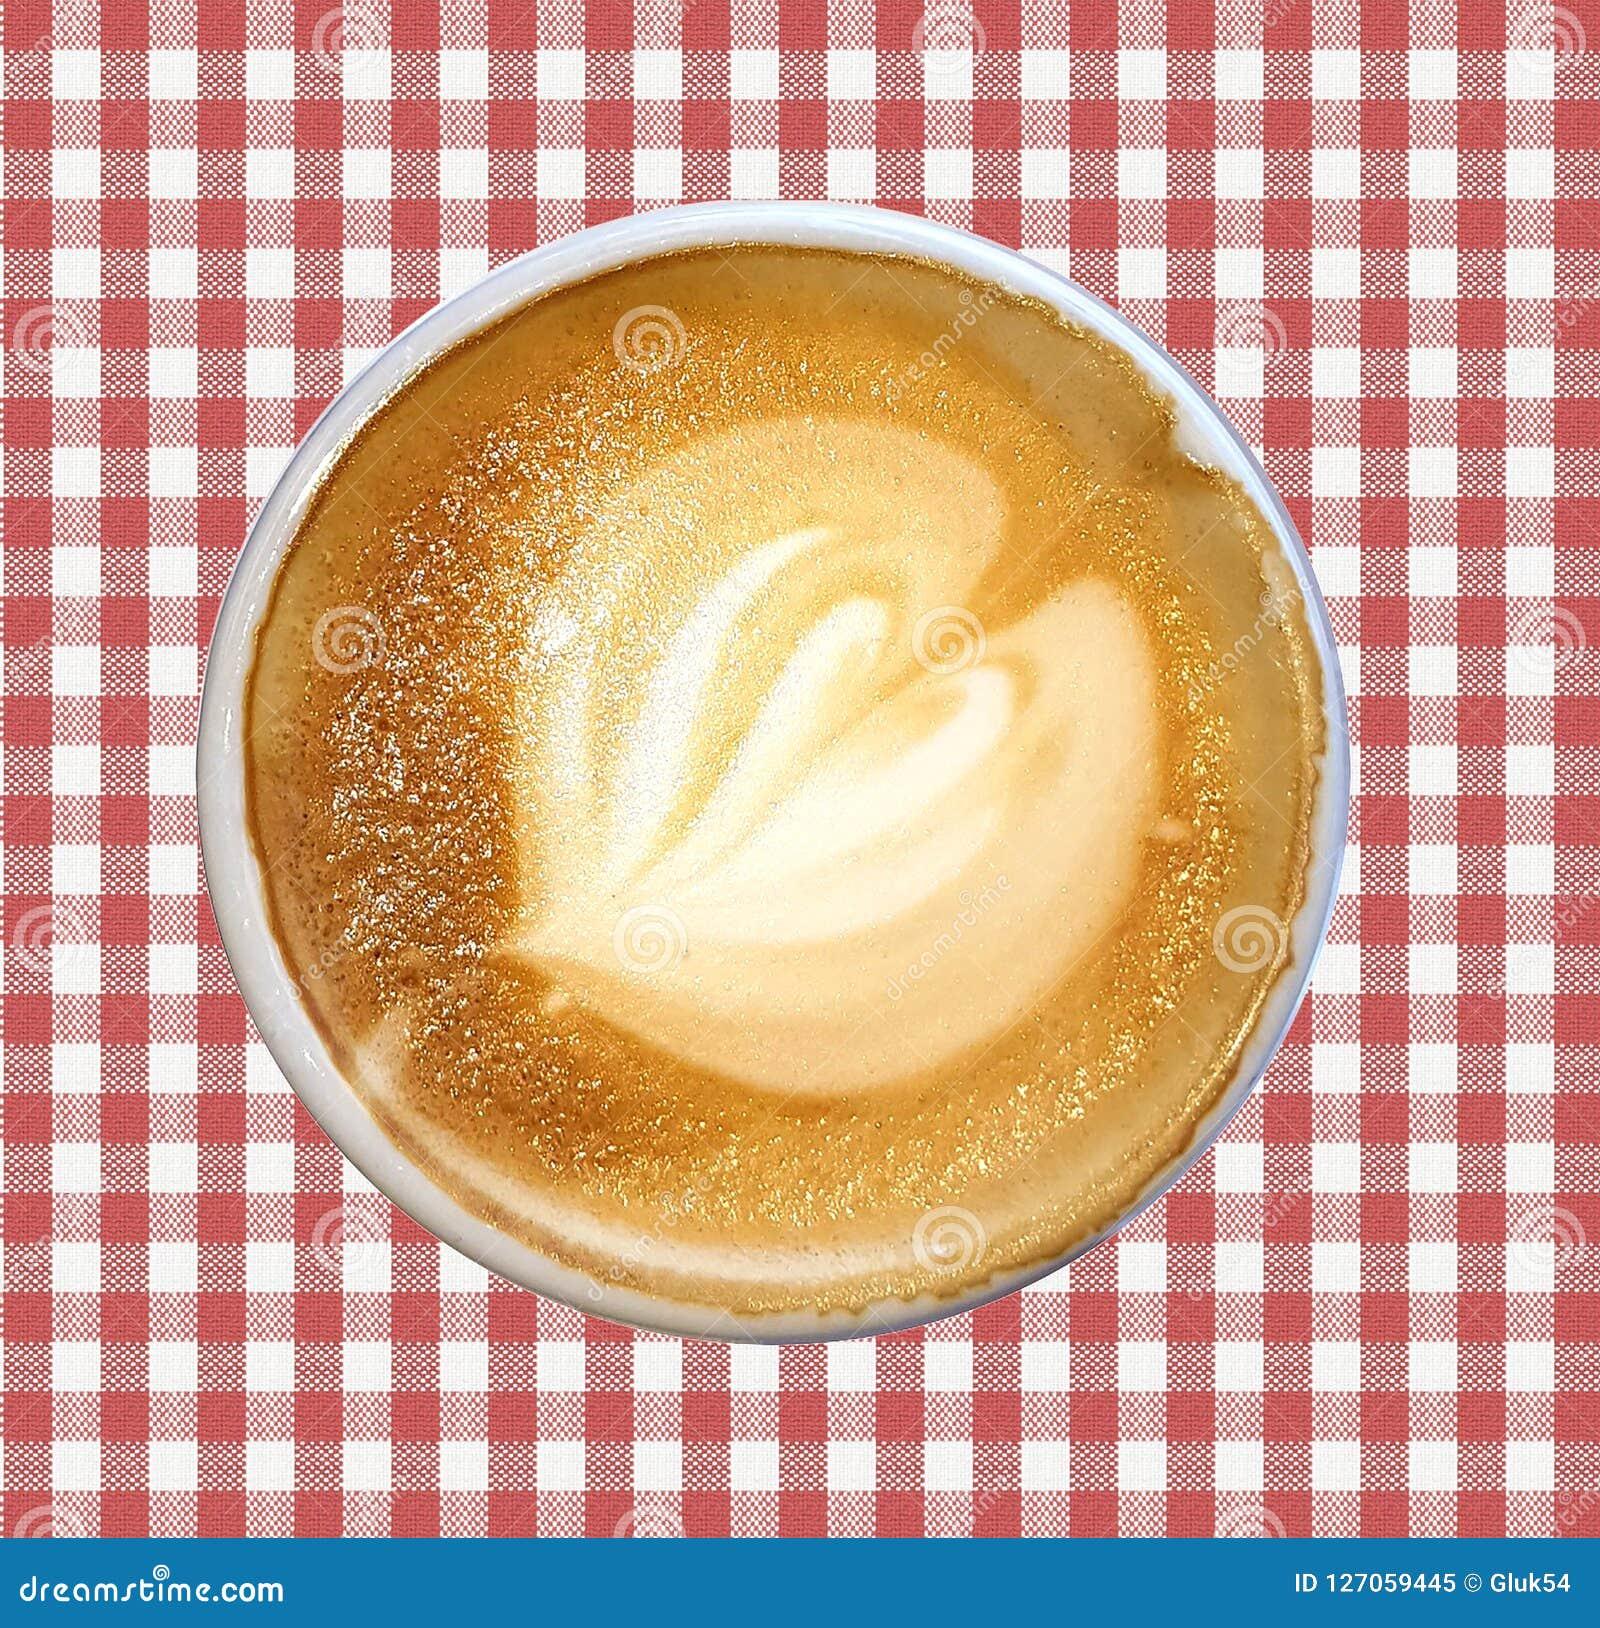 Latte del caffè decorato con la schiuma del latte fatta sotto forma di modello